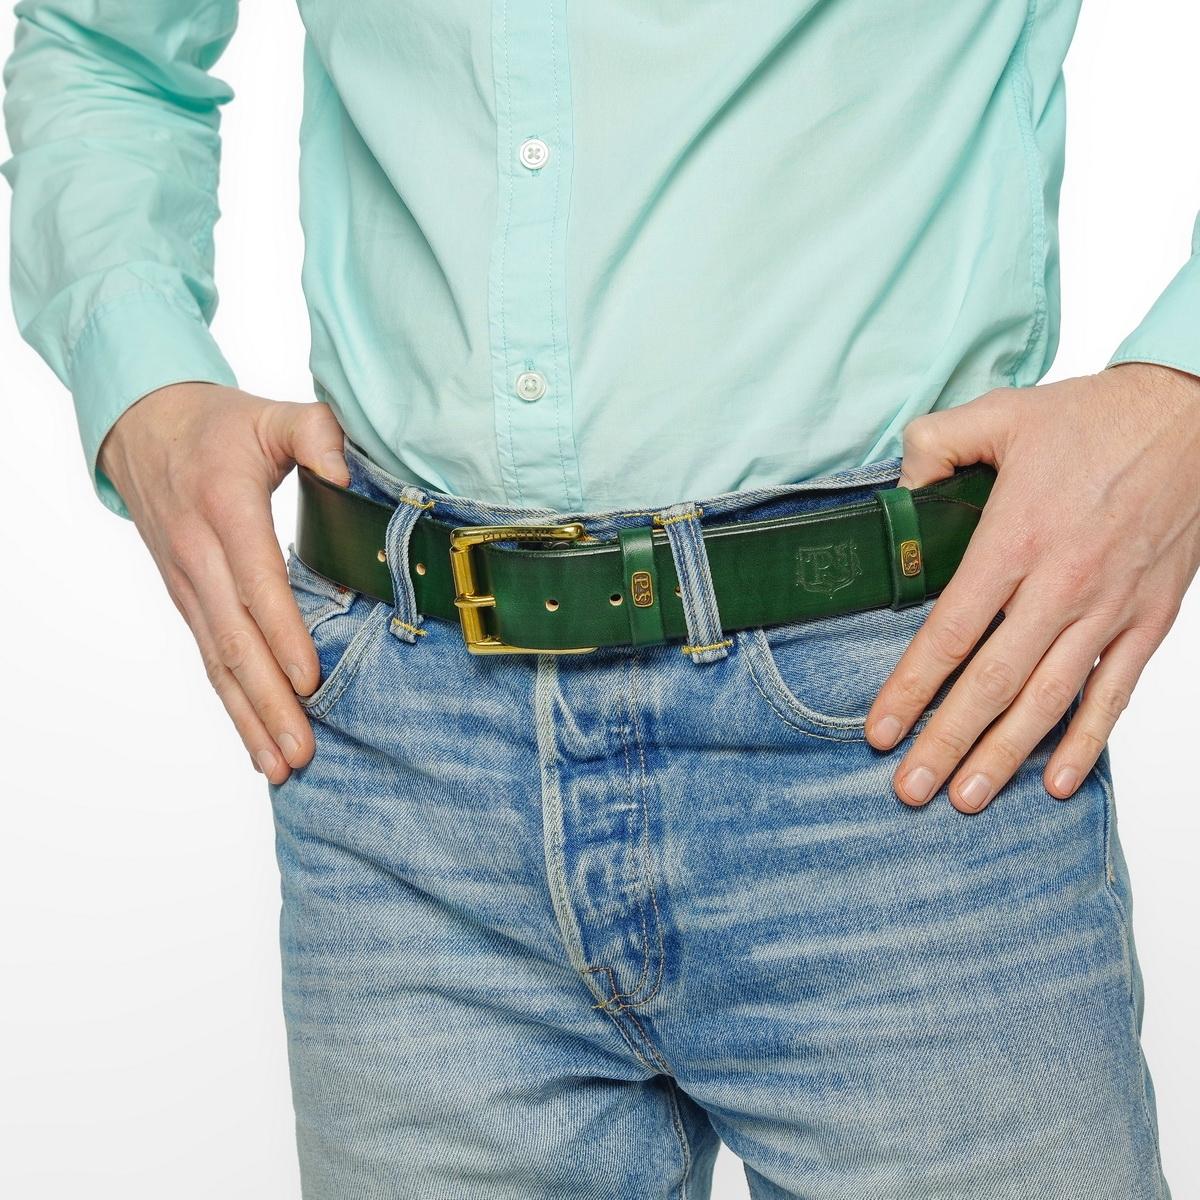 Широкий джинсовый ремень с латунной пряжкой 40мм зеленый травяной